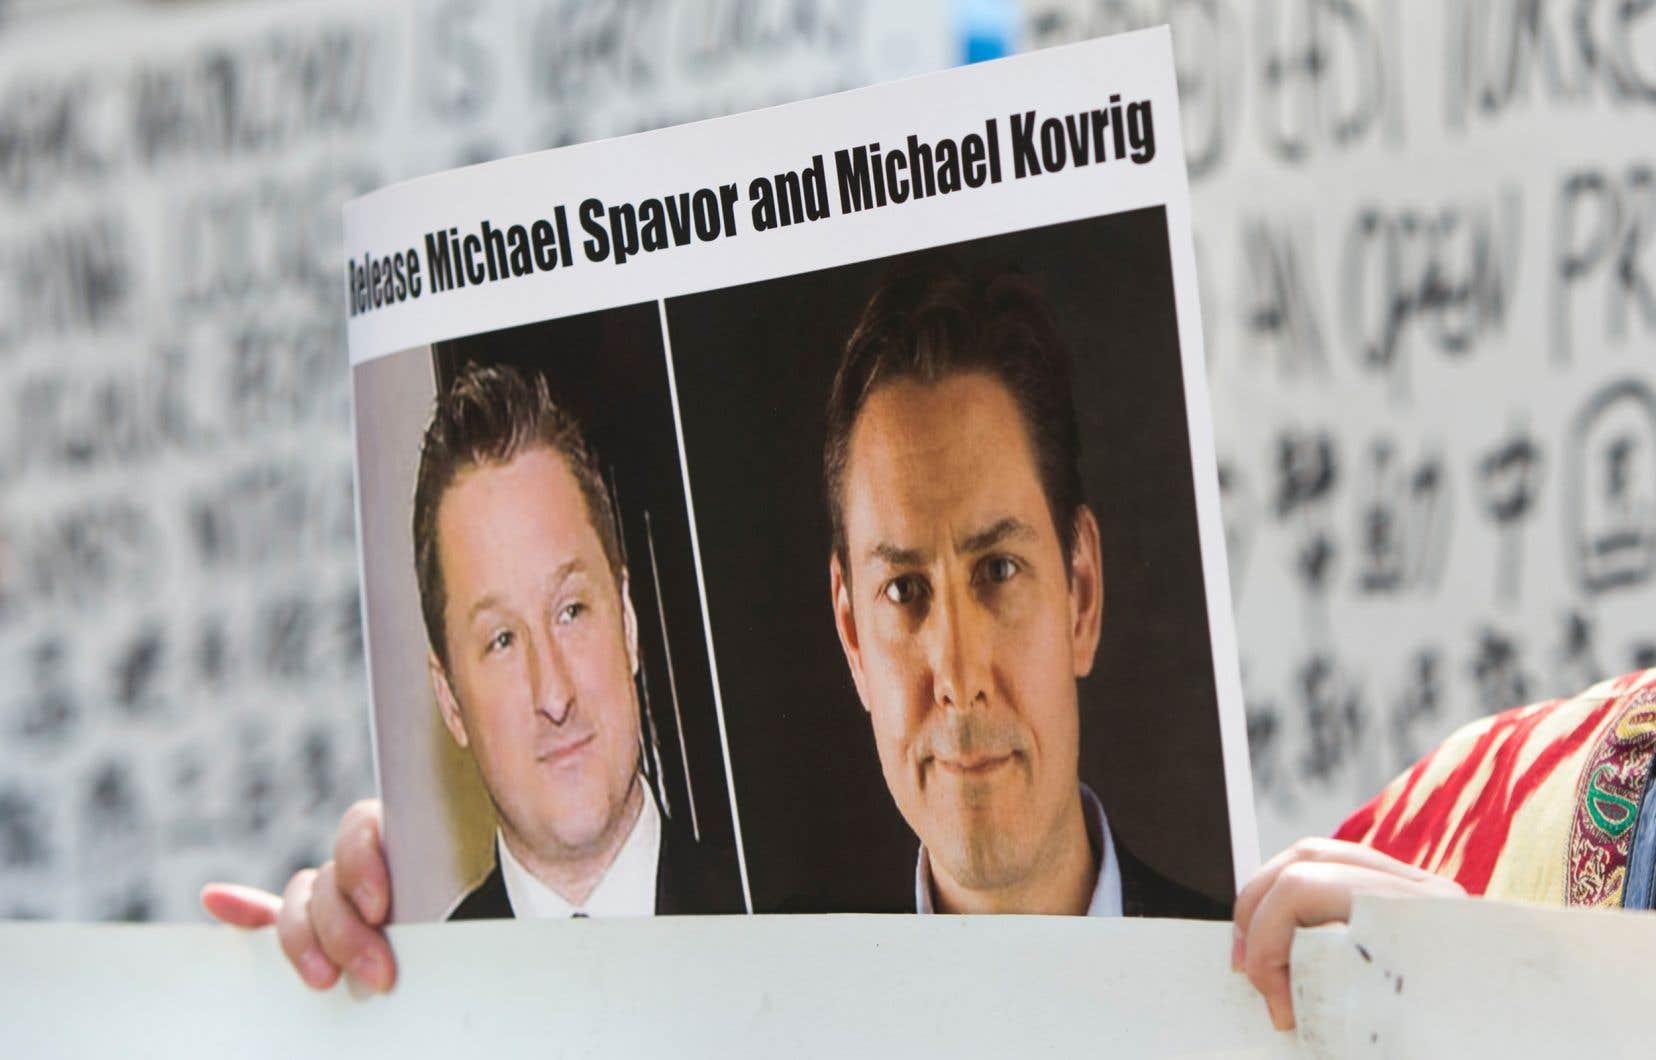 Les deux Michael ont été pris en otages par un État qui nie leurs droits. Il y a un danger réel qu'un échange ne serve qu'à cautionner cette diplomatie de l'intimidation et de la méthode forte préconisée par la Chine.